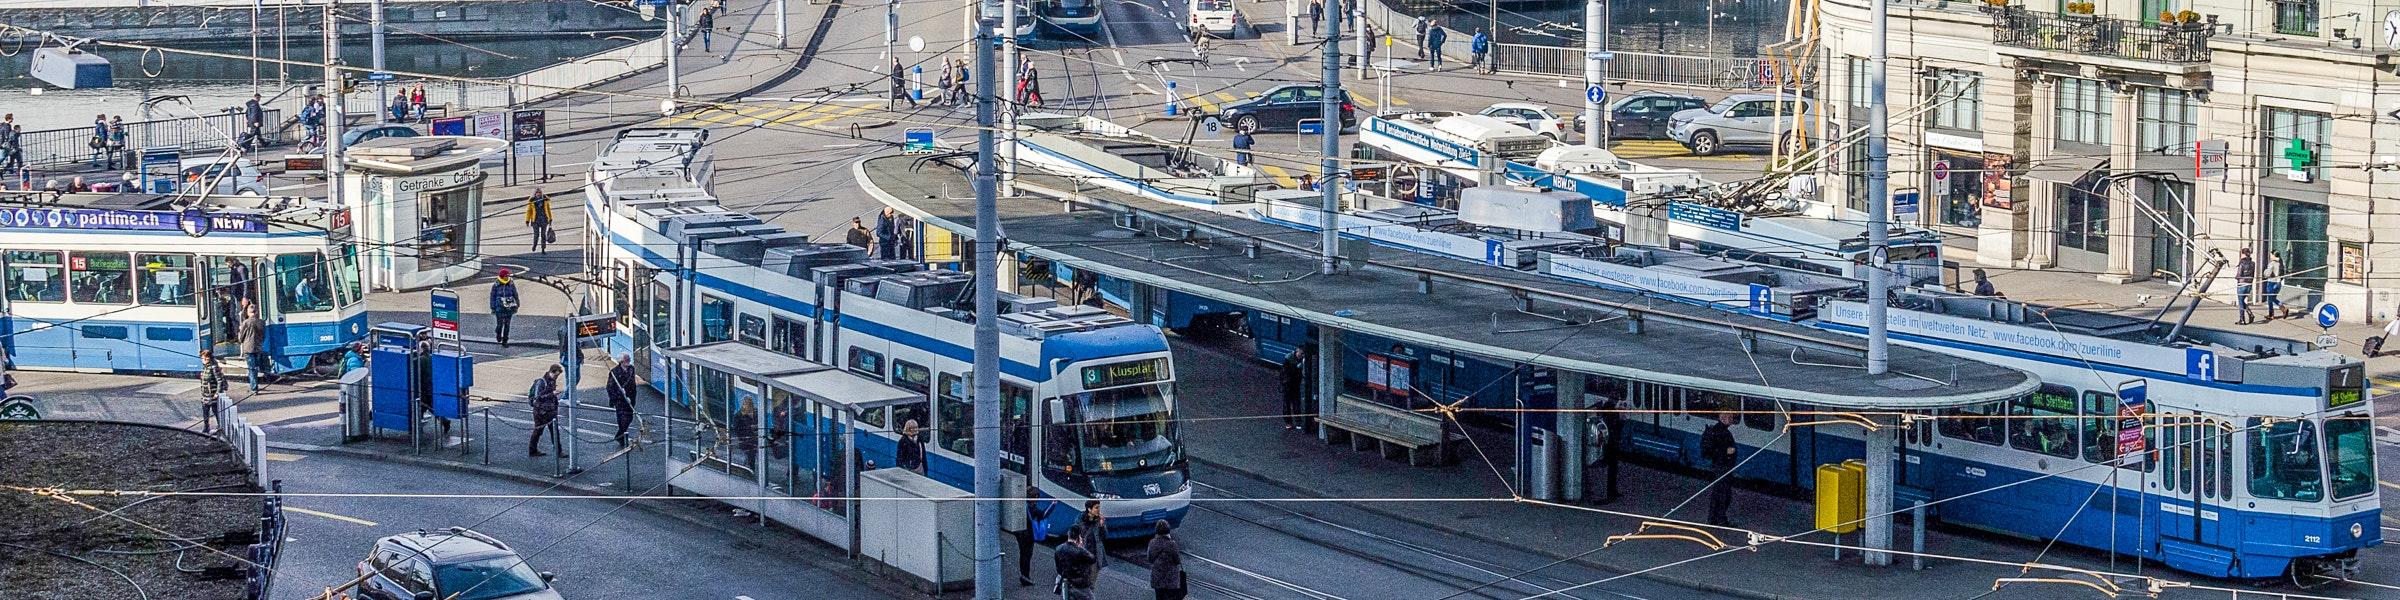 Tramhalte in Zürich